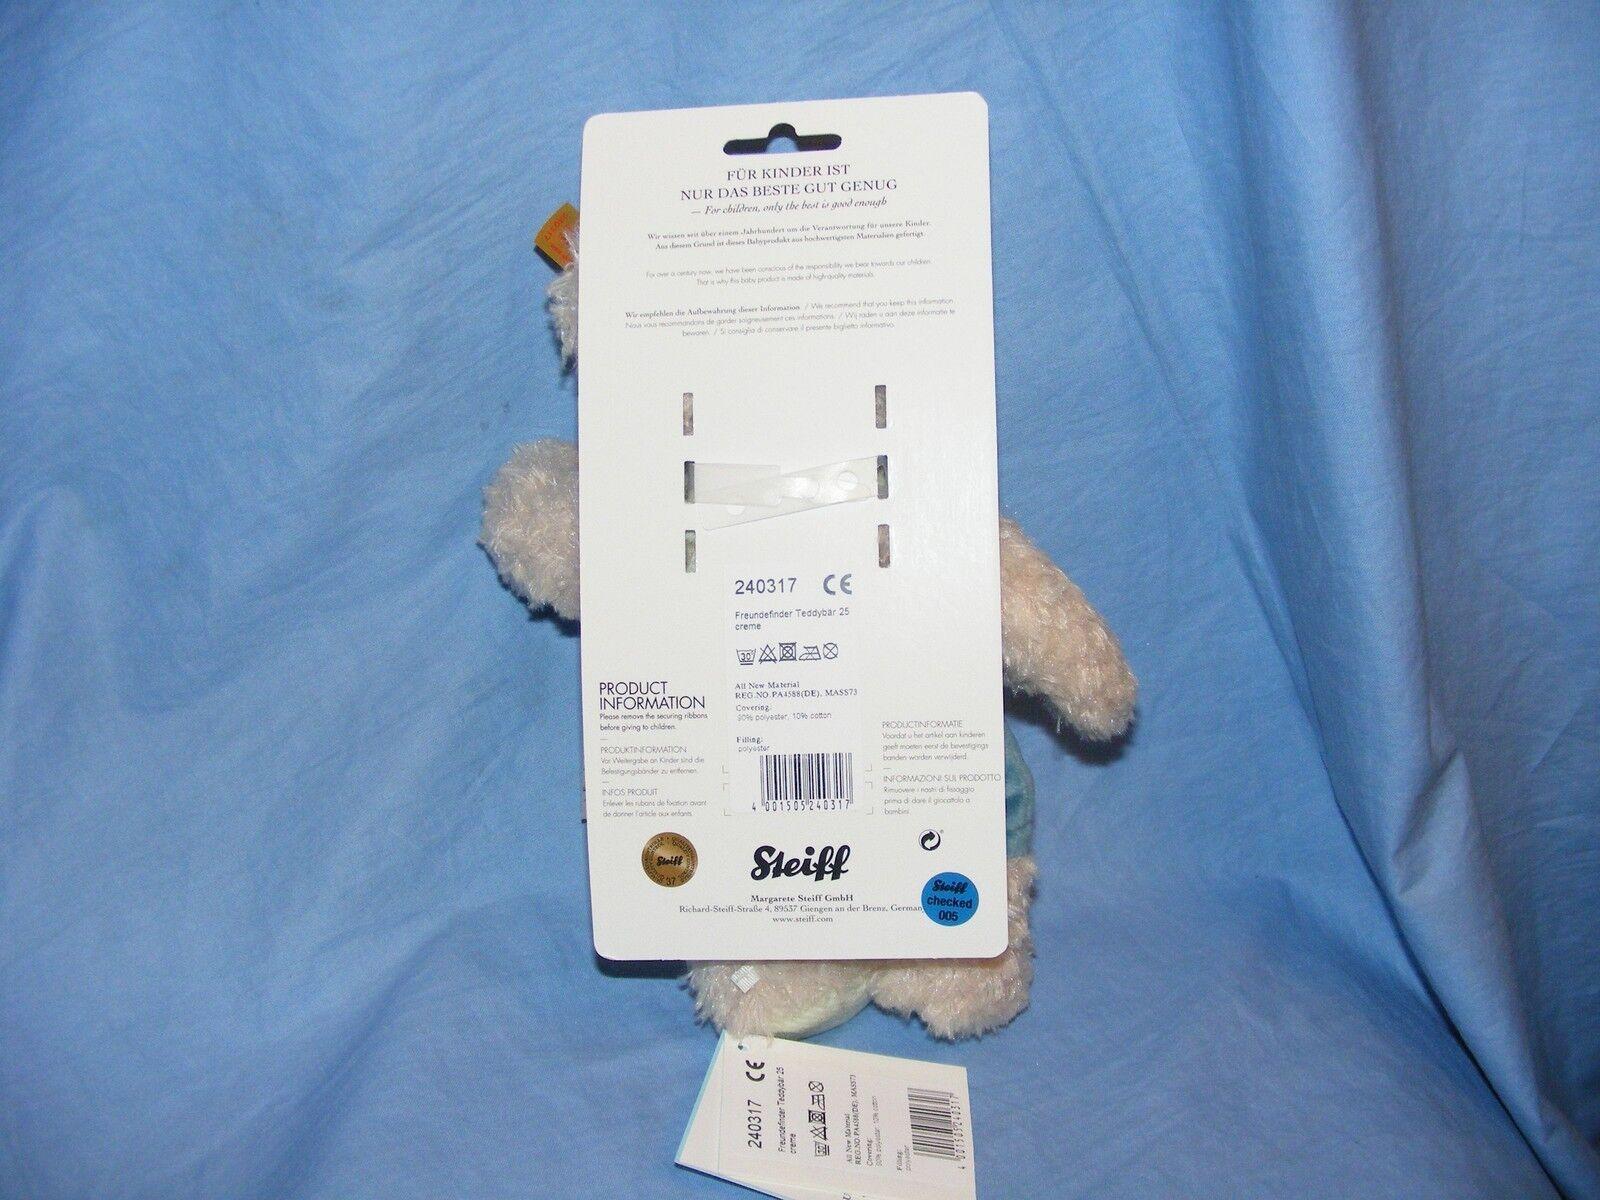 Steiff Teddy Bear Friend Finder Finder Finder New Baby Birthday Christening Gift 240317 a89aa1